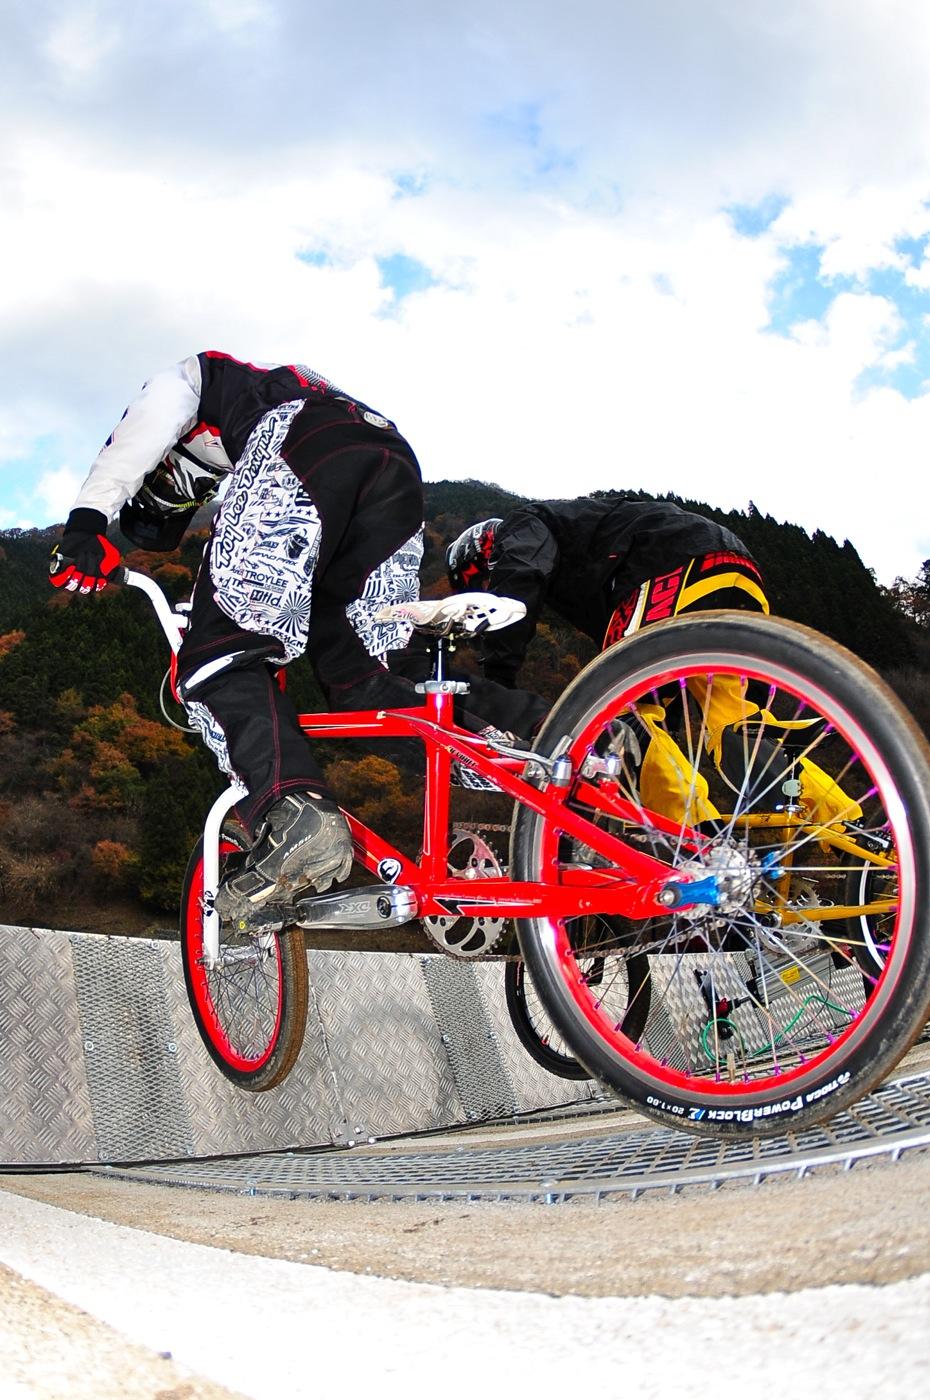 スタートマニア2009:秩父滝沢サイクルパークBMXトラック_b0065730_16283180.jpg